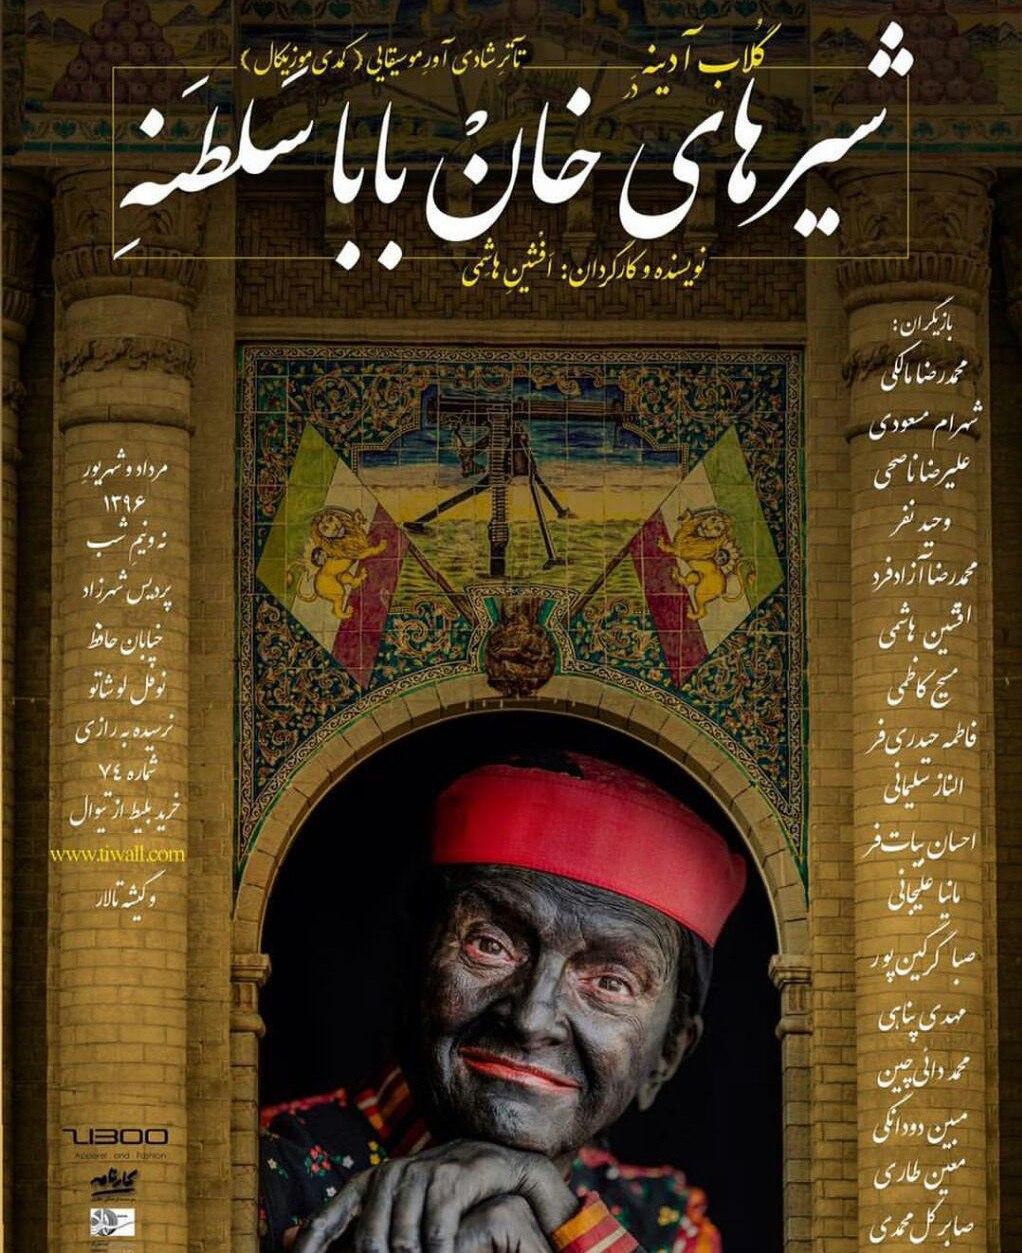 شیرهای خان باباسلطنه